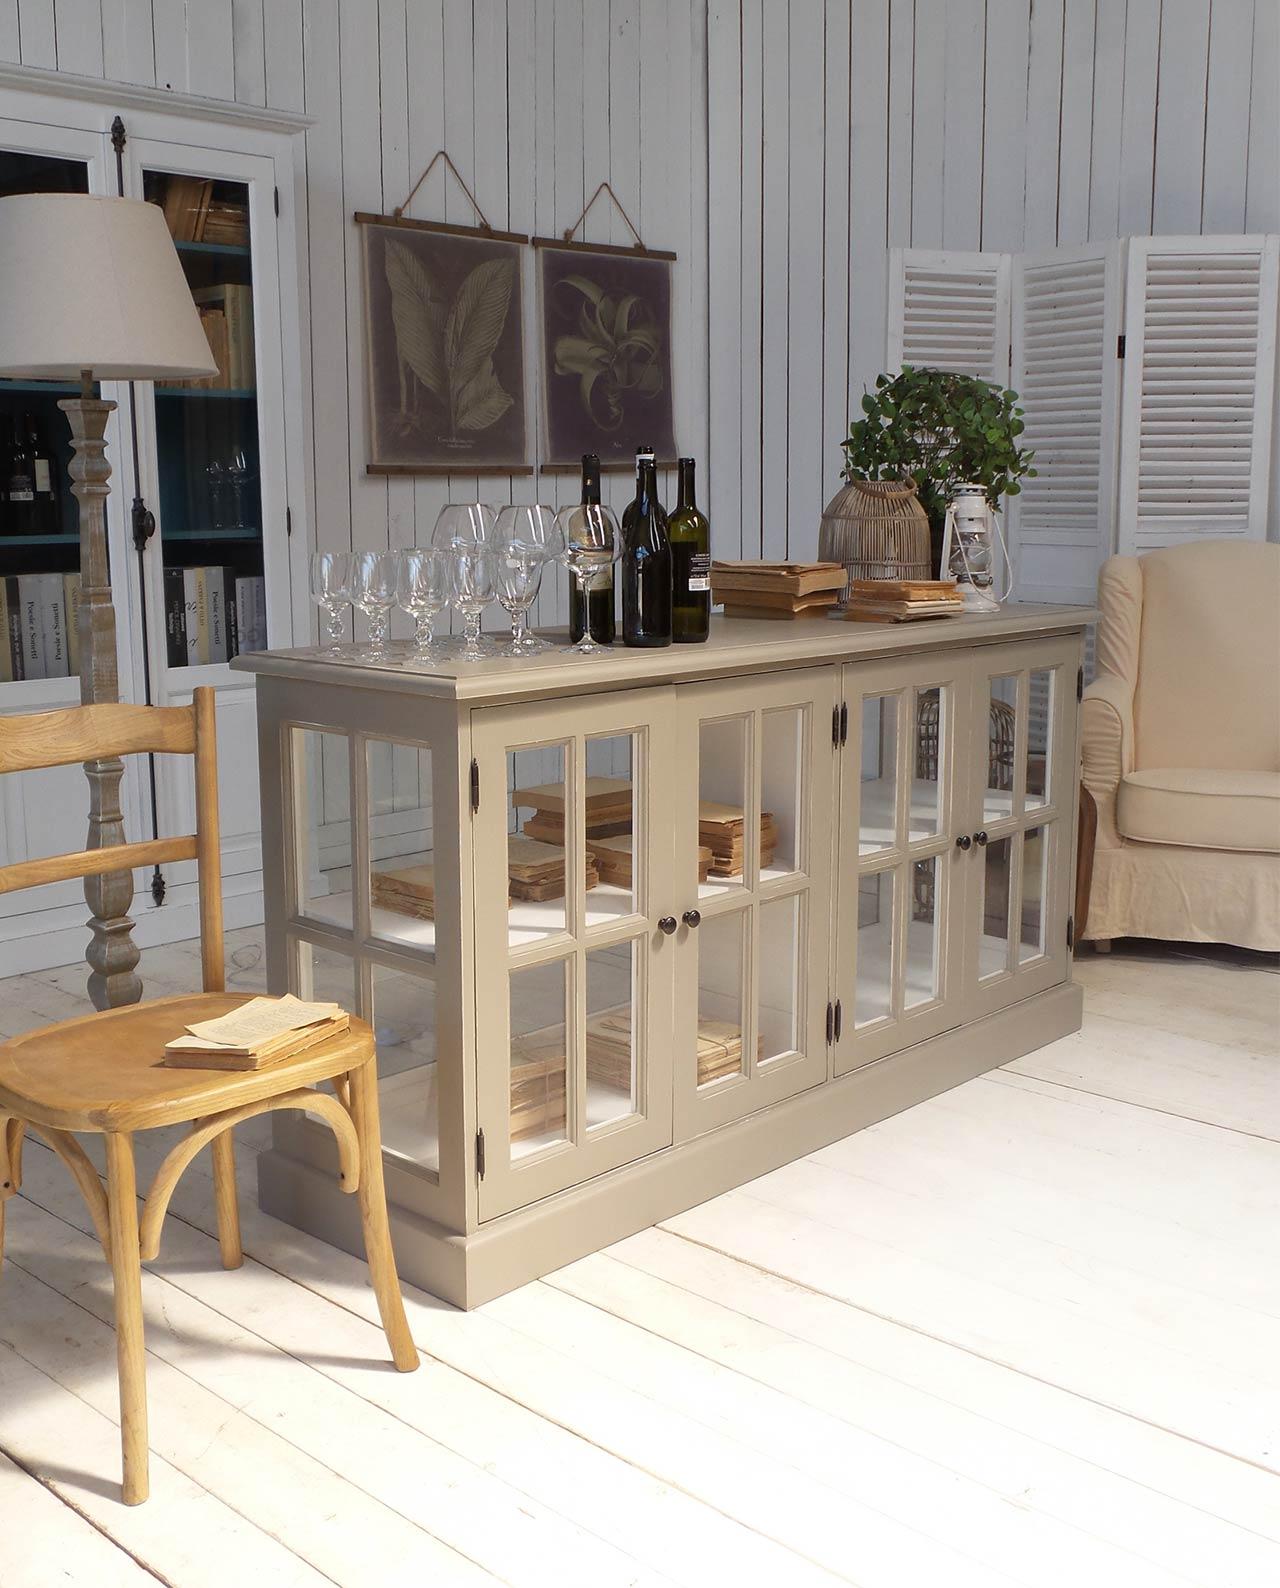 Mobile espositore vetrina in legno di massello - Mobilia Store Home ...